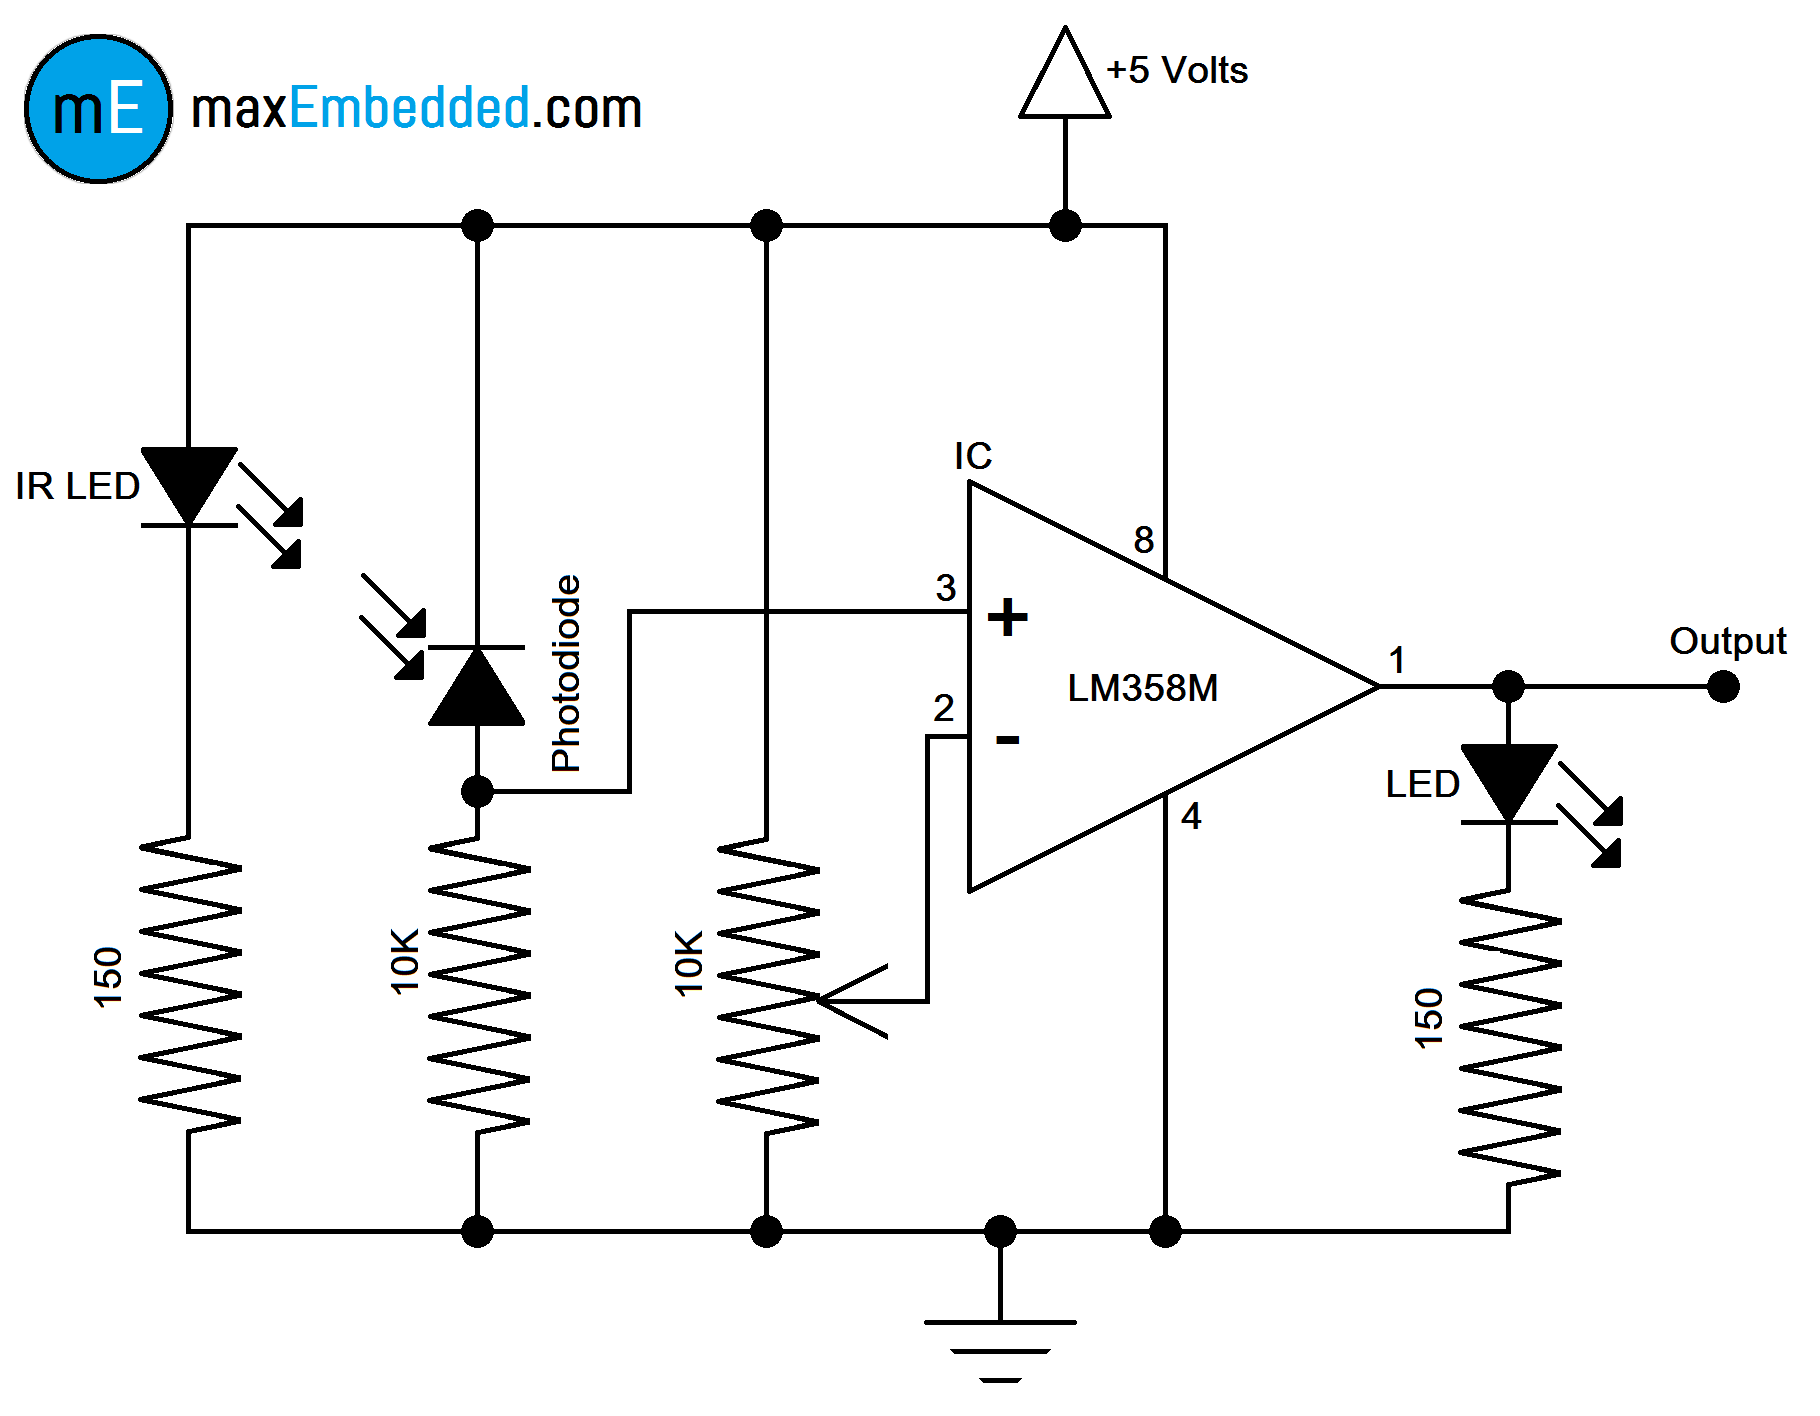 ir sensor circuit schematic wiring diagram online simple ir proximity sensor circuit diagram how to build [ 1820 x 1416 Pixel ]